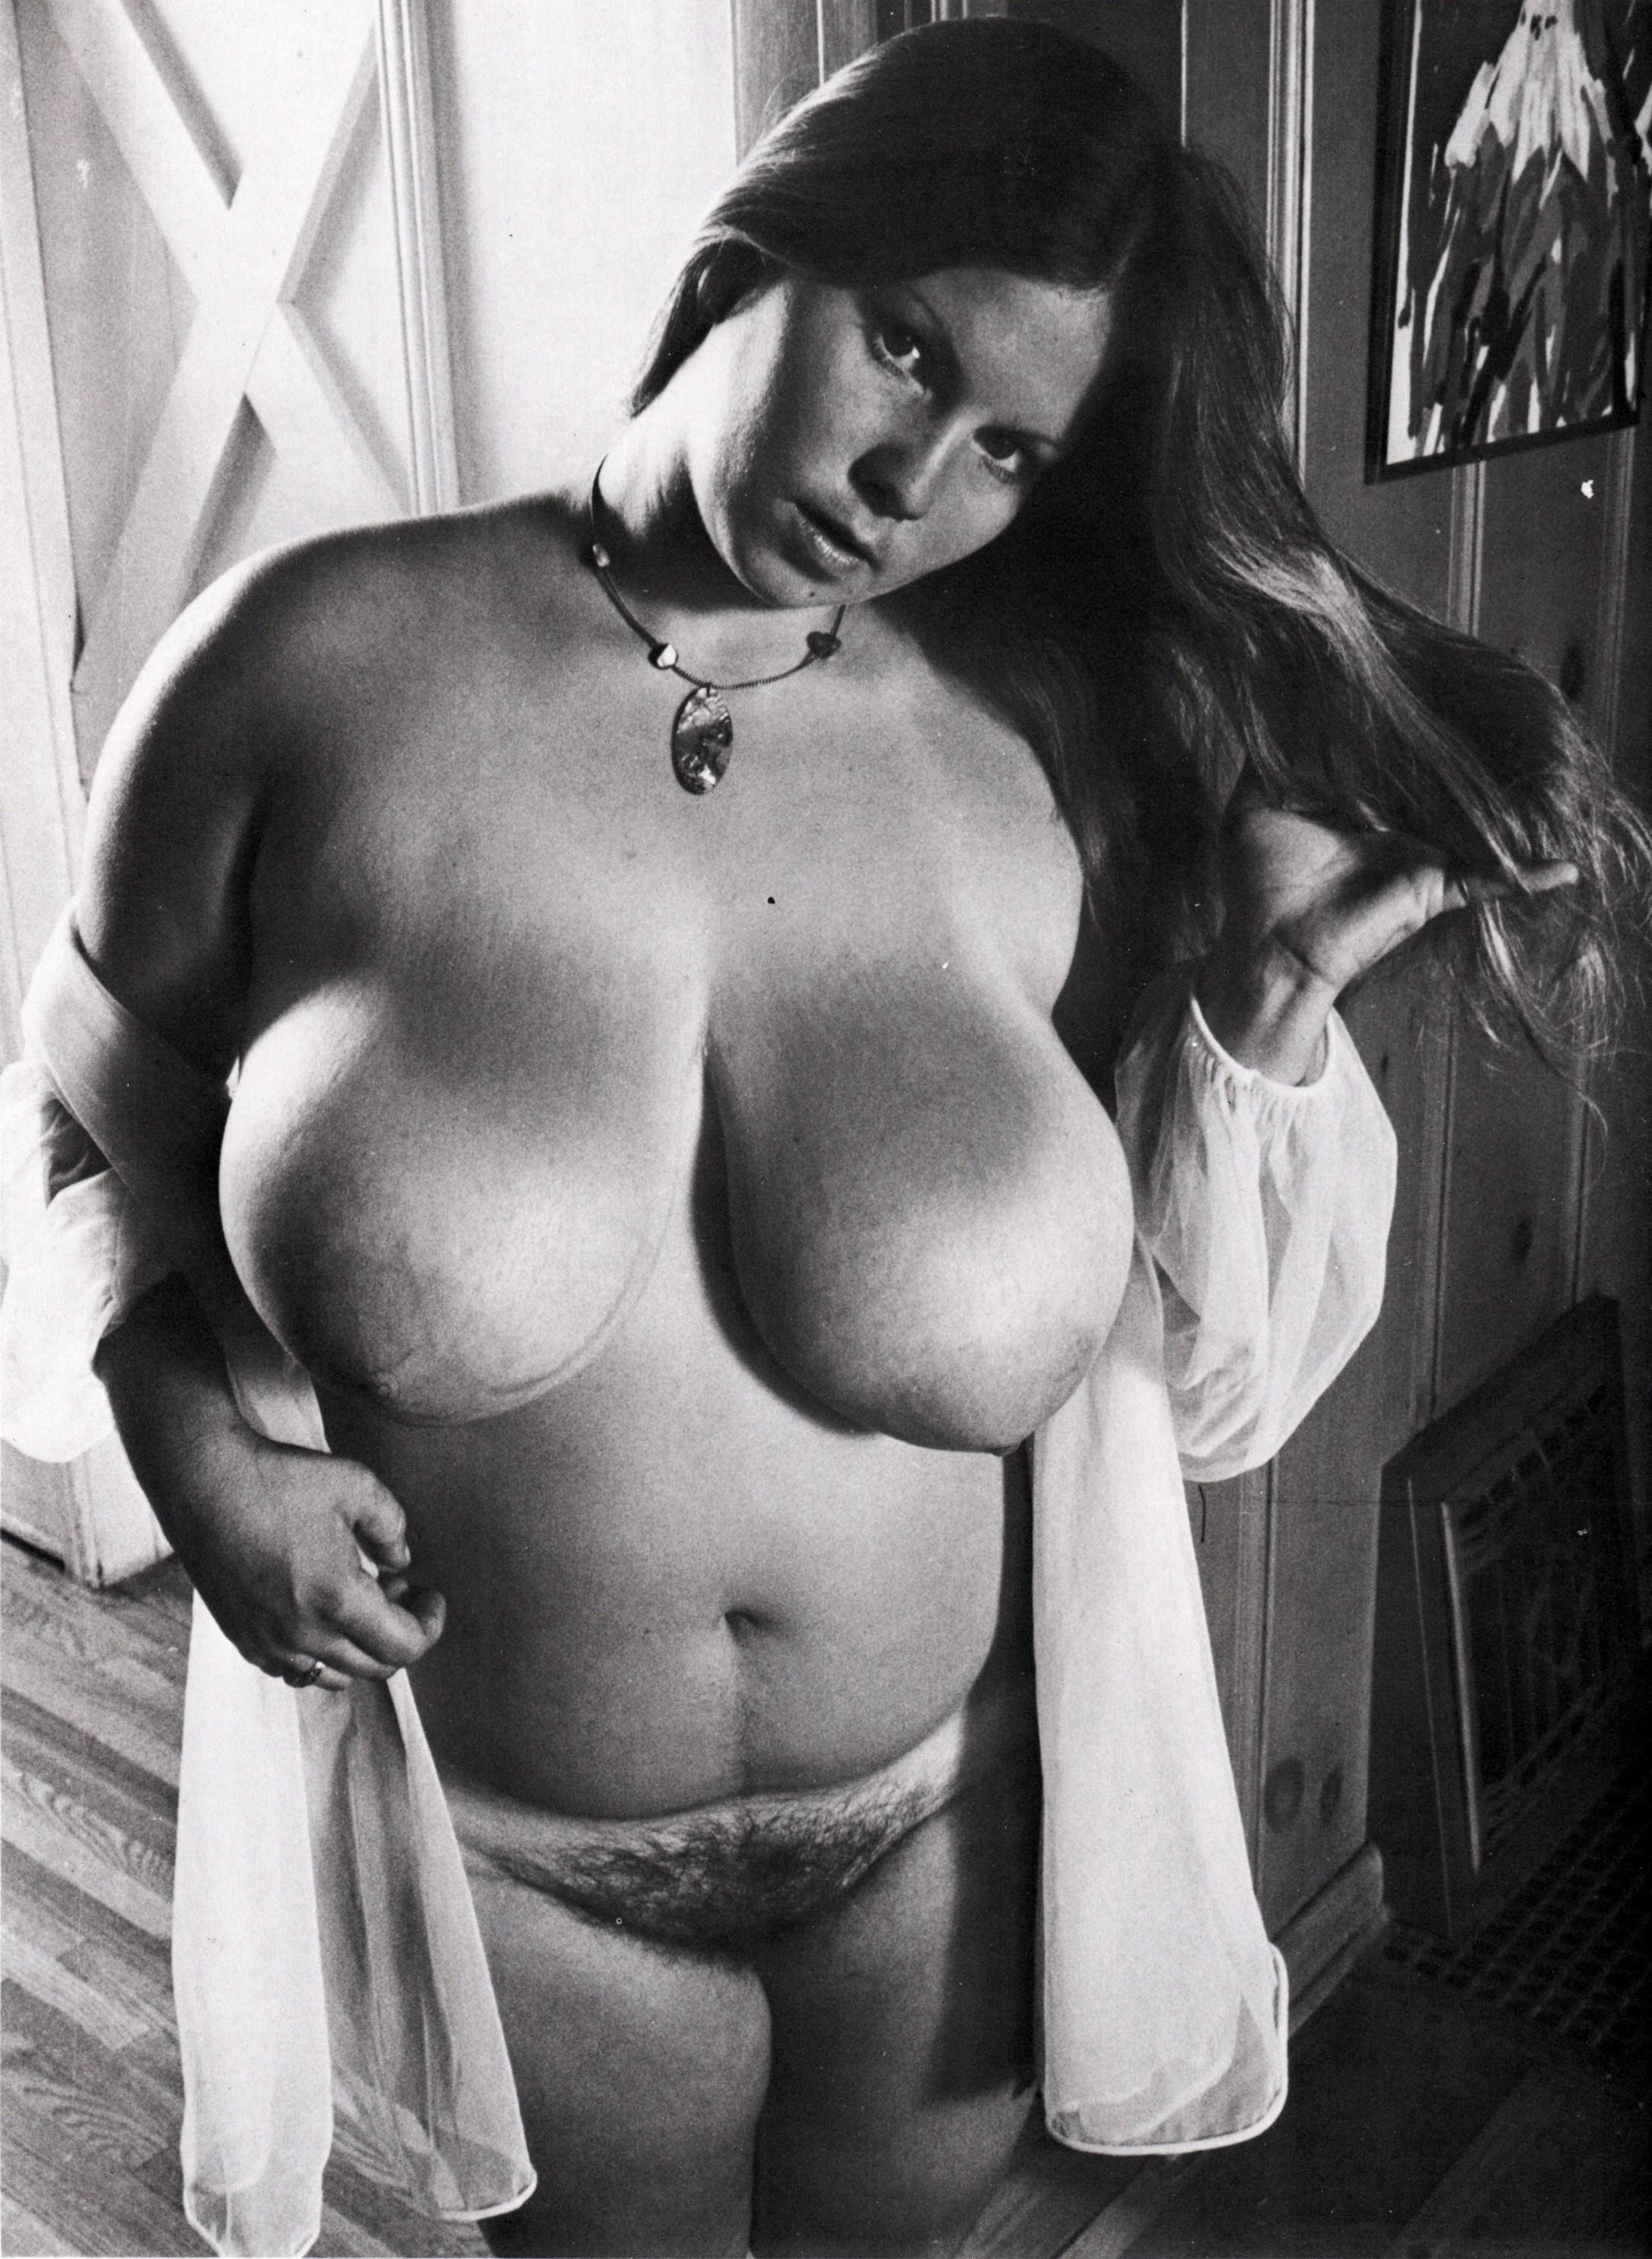 Голые толстухи ретро фото, я парень хочу в попу г киев